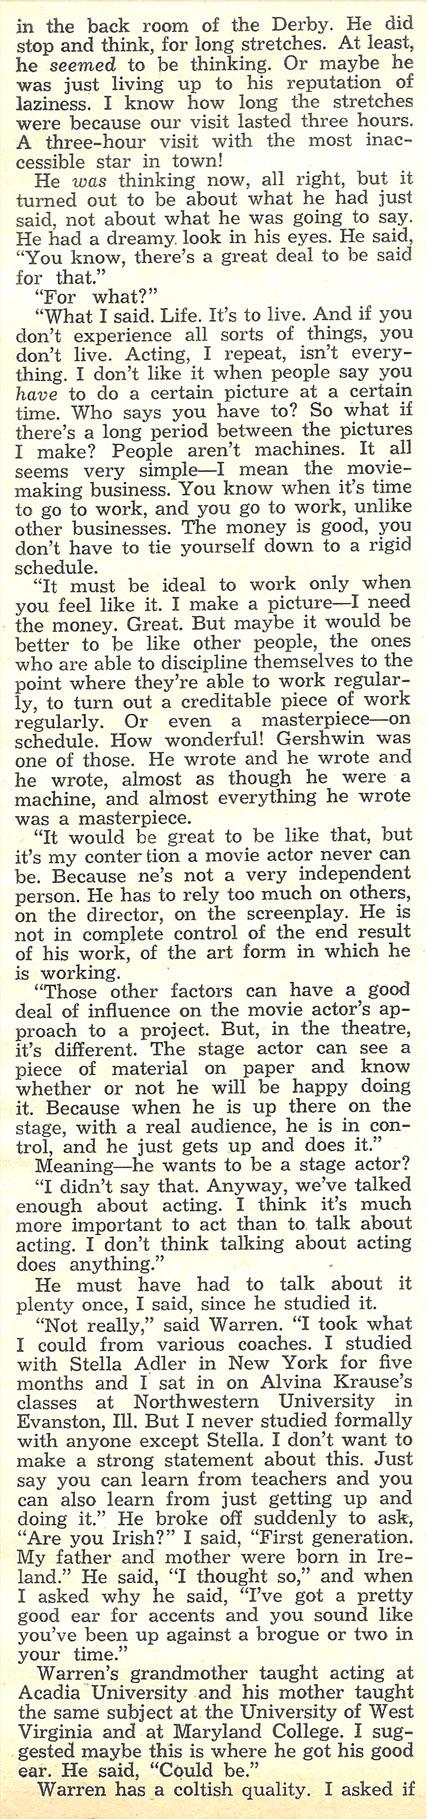 Warren Beatty #5